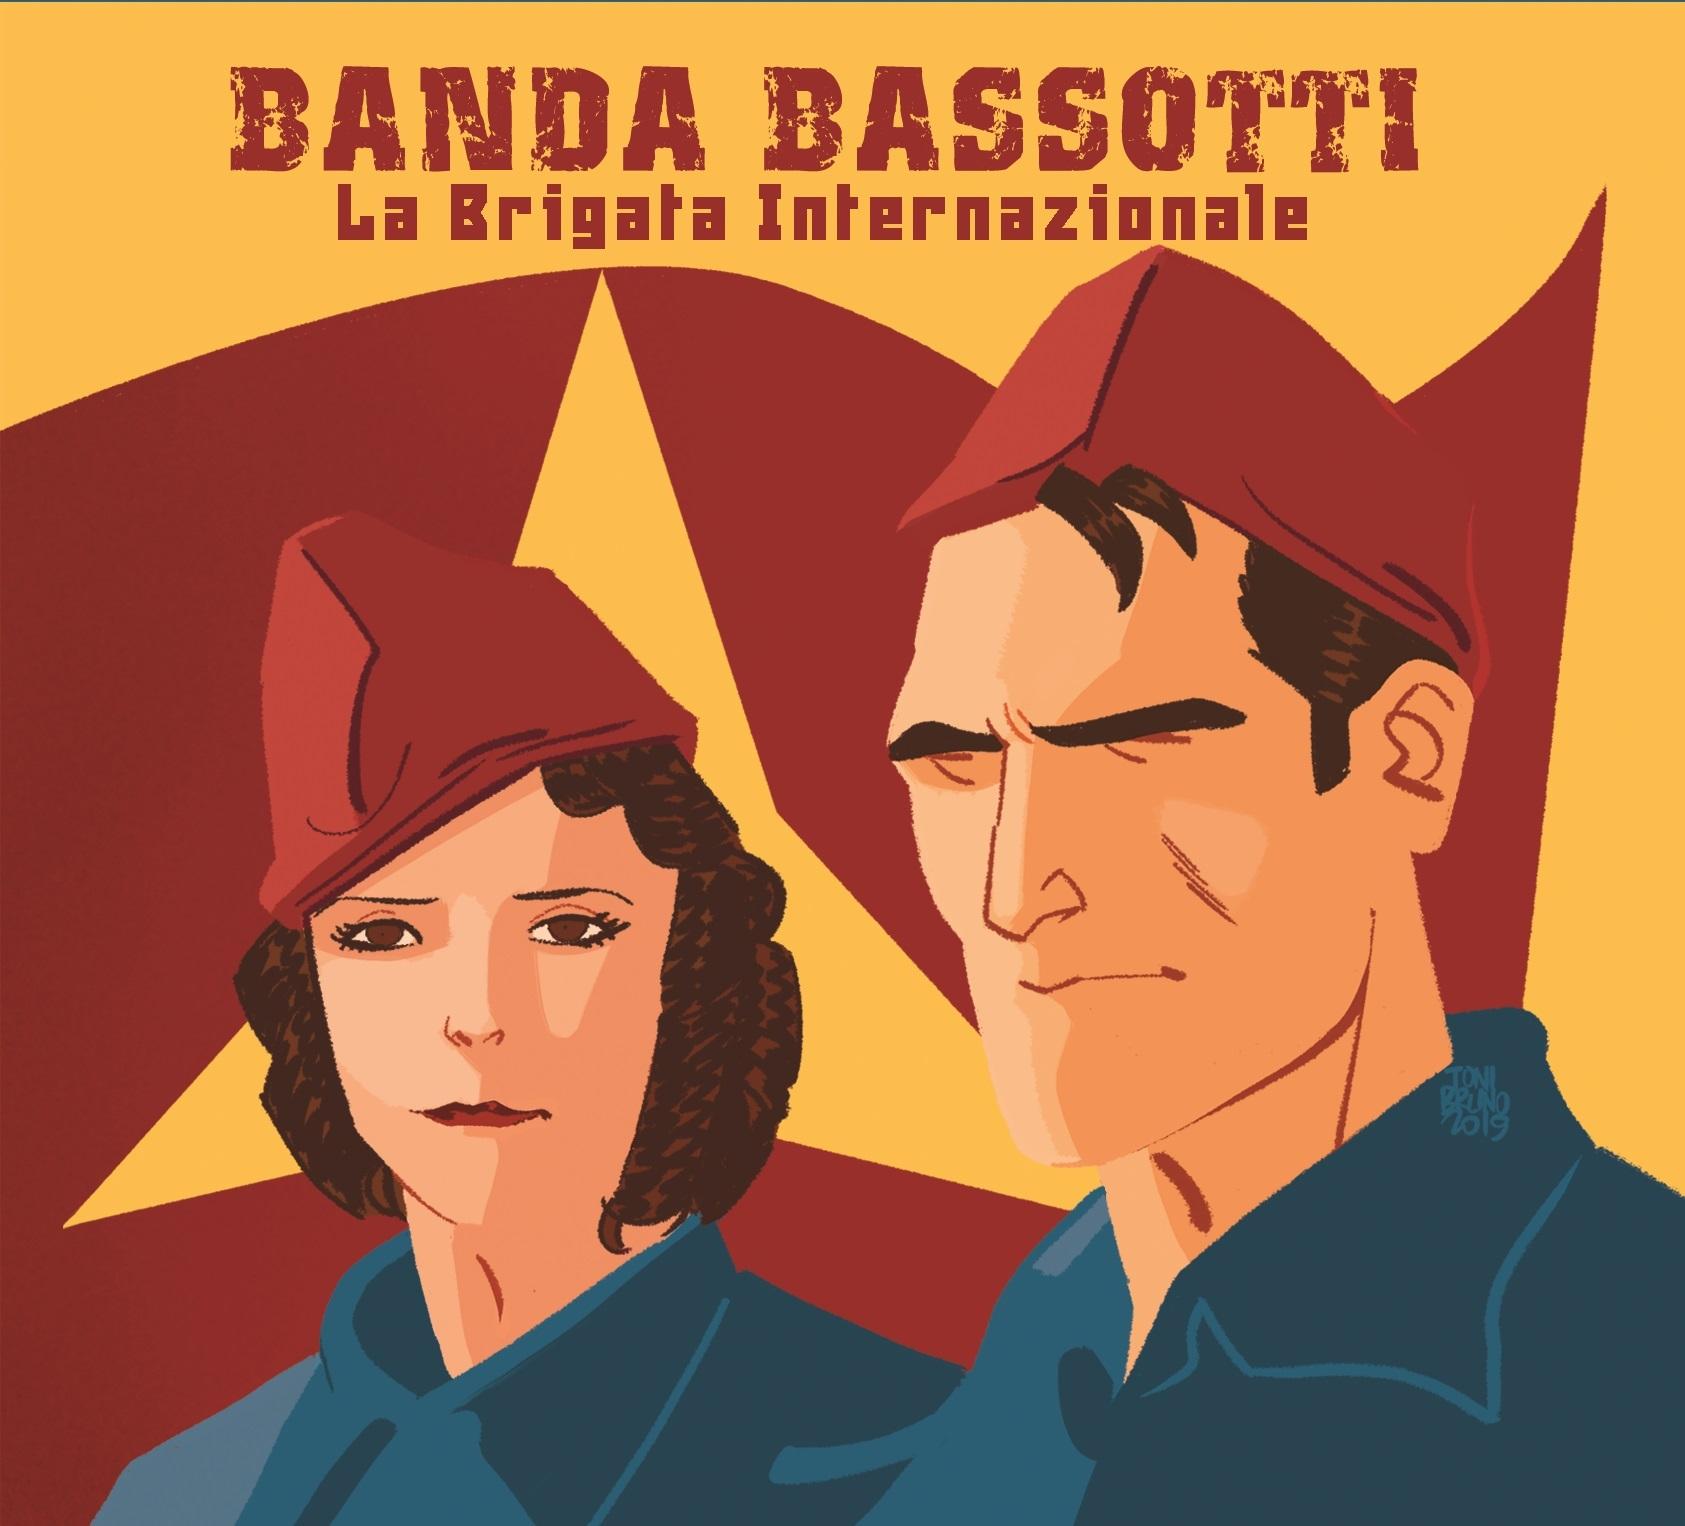 BANDA BASSOTTI『LA BRIGATA INTERNAZIONALE』